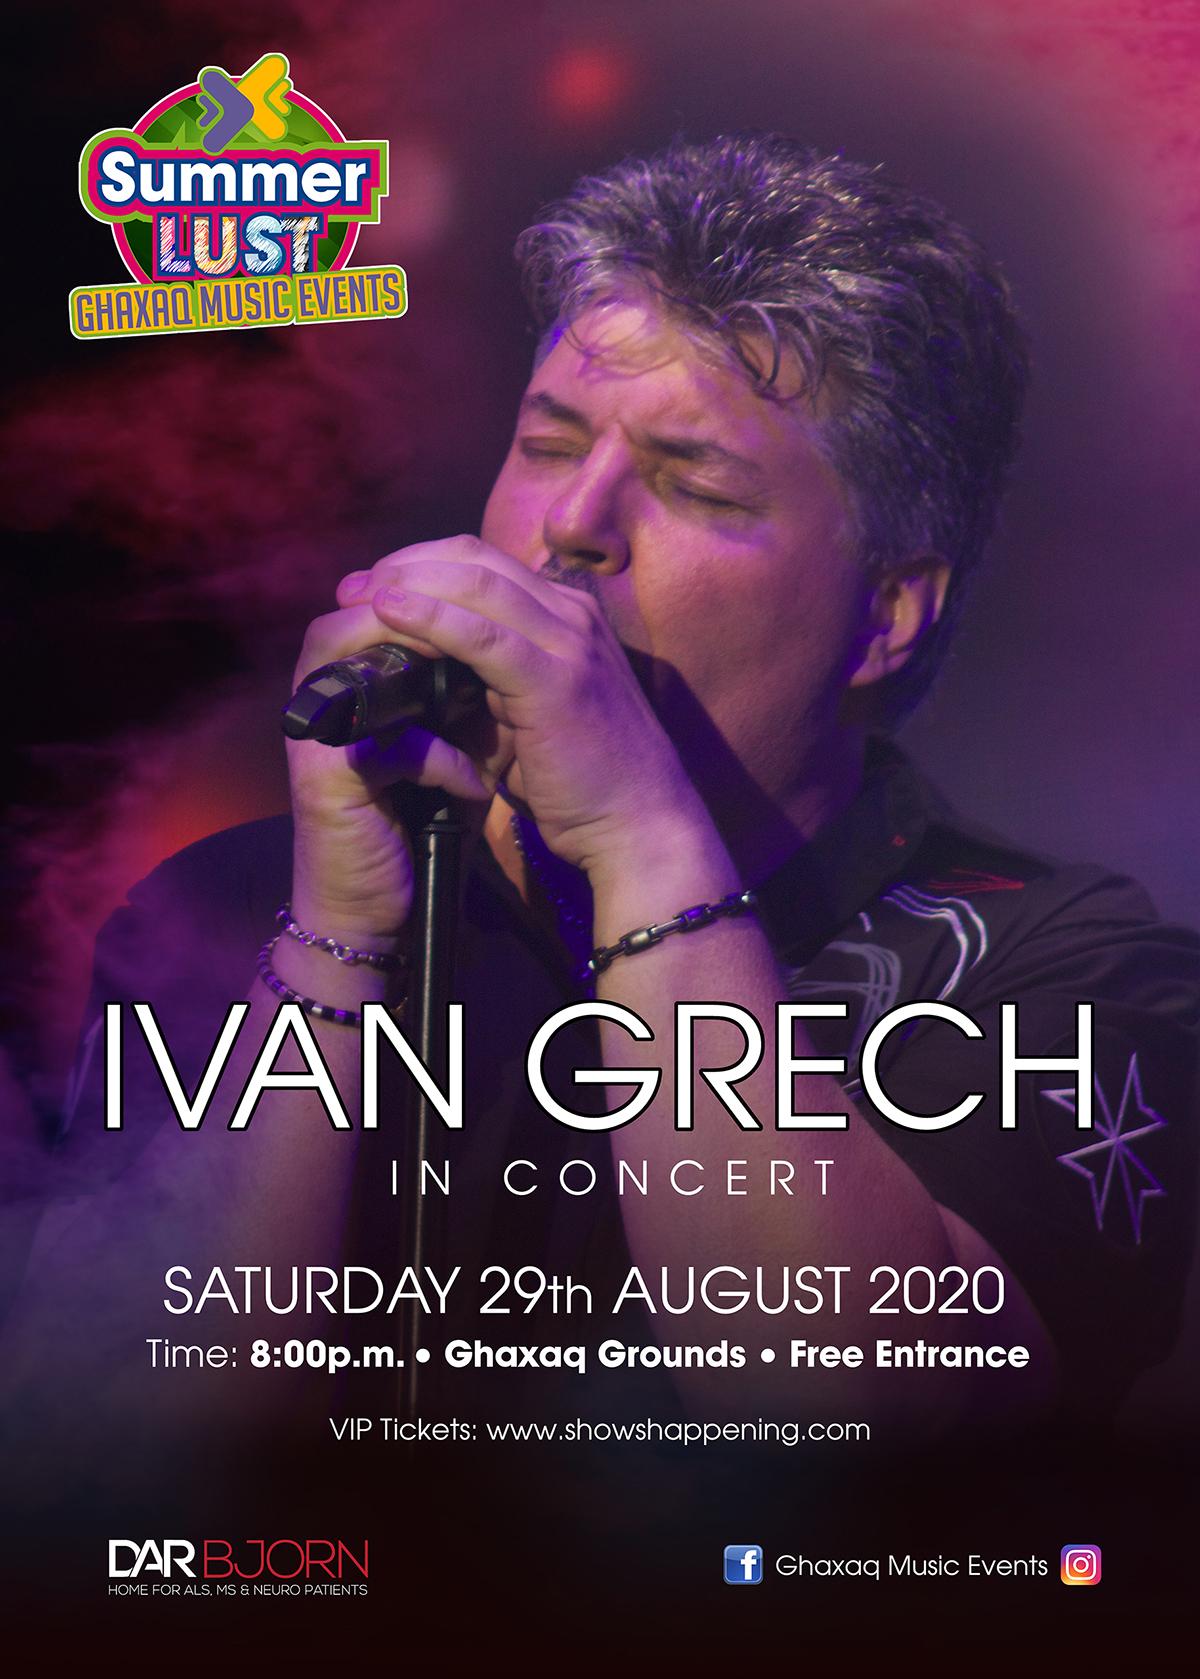 IVAN GRECH in concert flyer